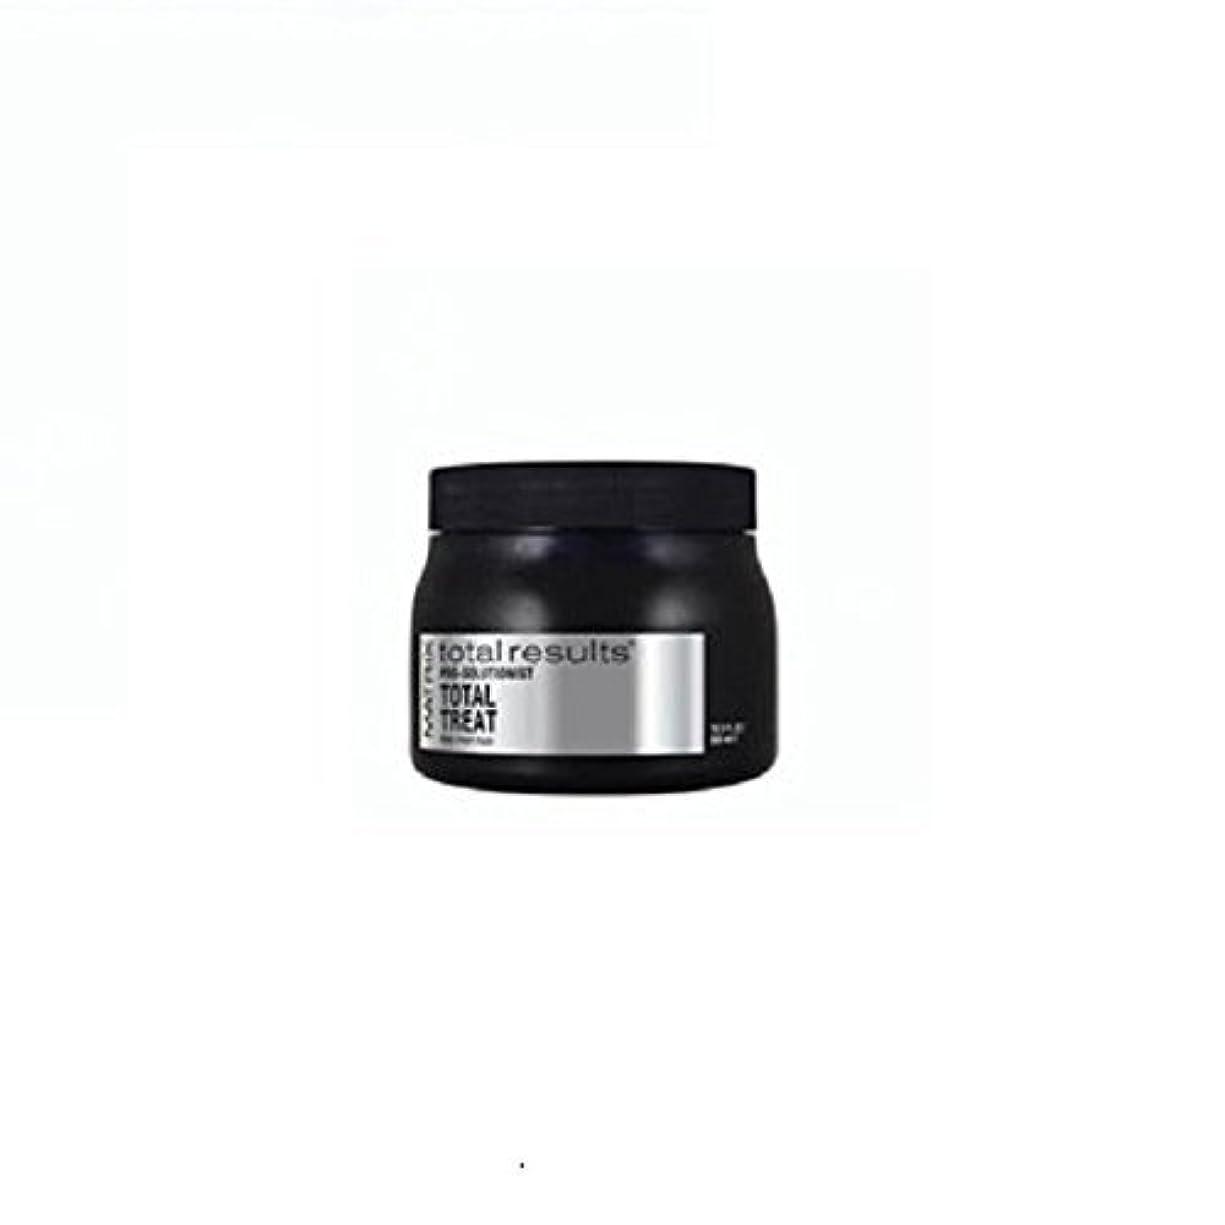 襟食品破裂マトリックストータルリザルトプロソリリストディープクリームマスク500ml